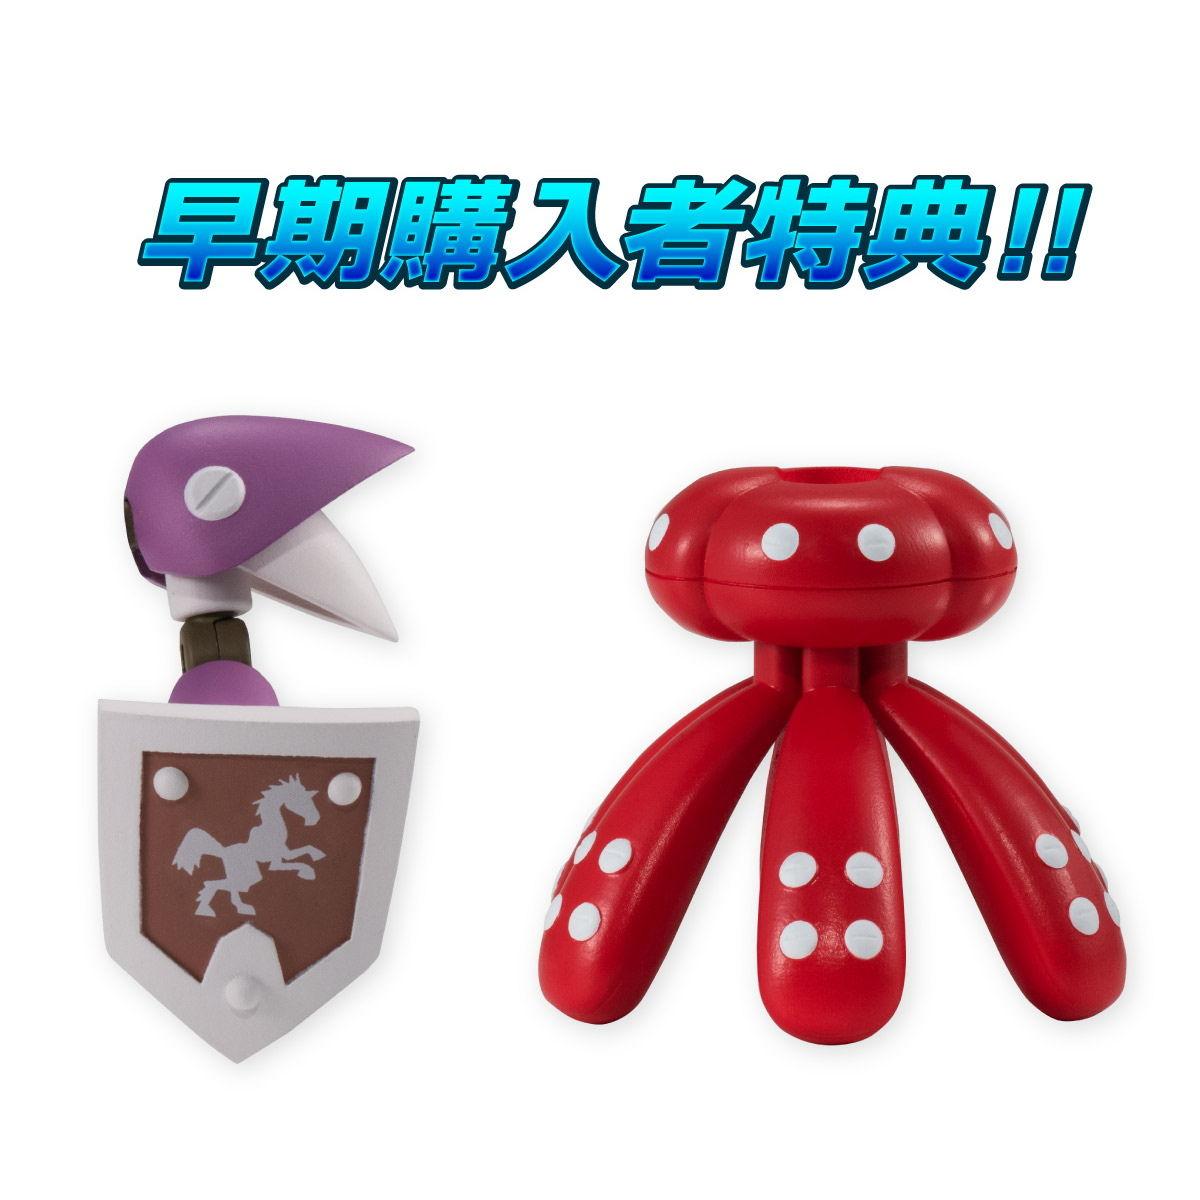 【ガシャポン】メダロット『超可動 1/12 メダロット プレミアムBOX』組み立て式可動フィギュア-009